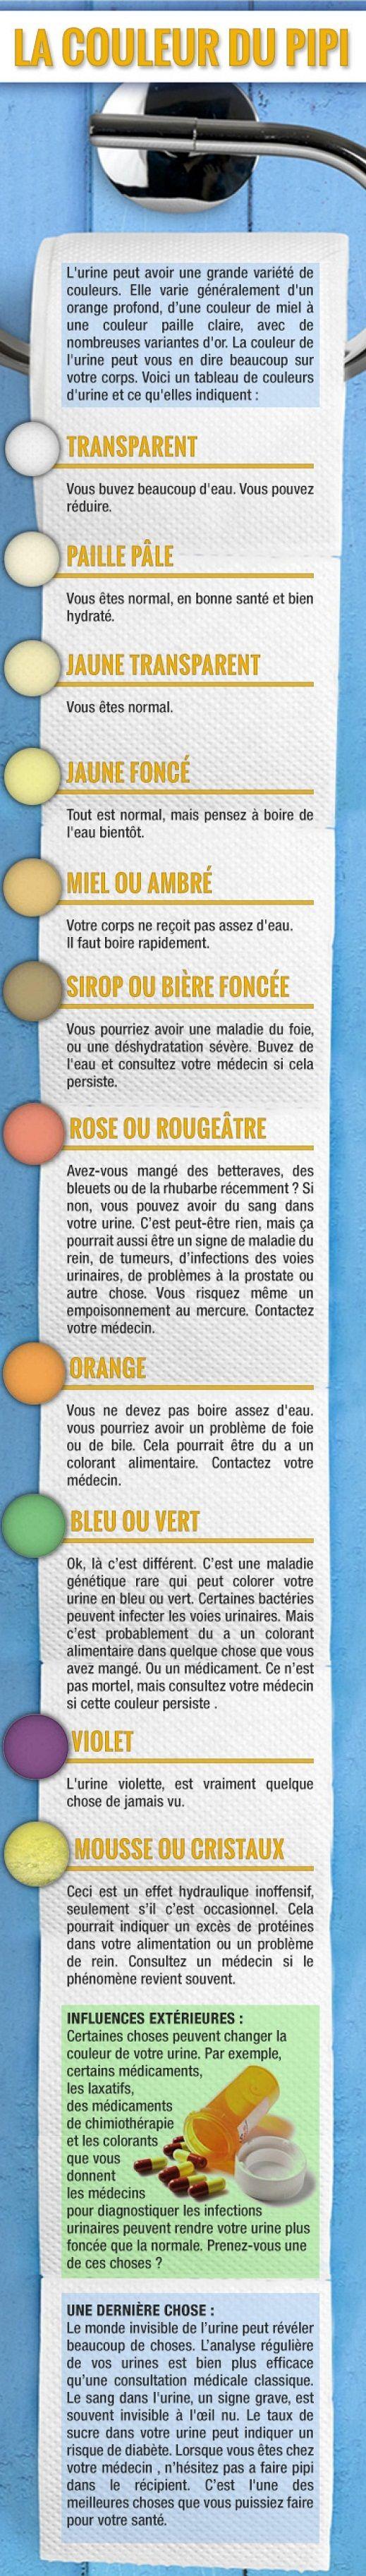 Analyser la couleur de votre pipi peut être très bénéfique pour la santé! Voici ce qu'il faut savoir…